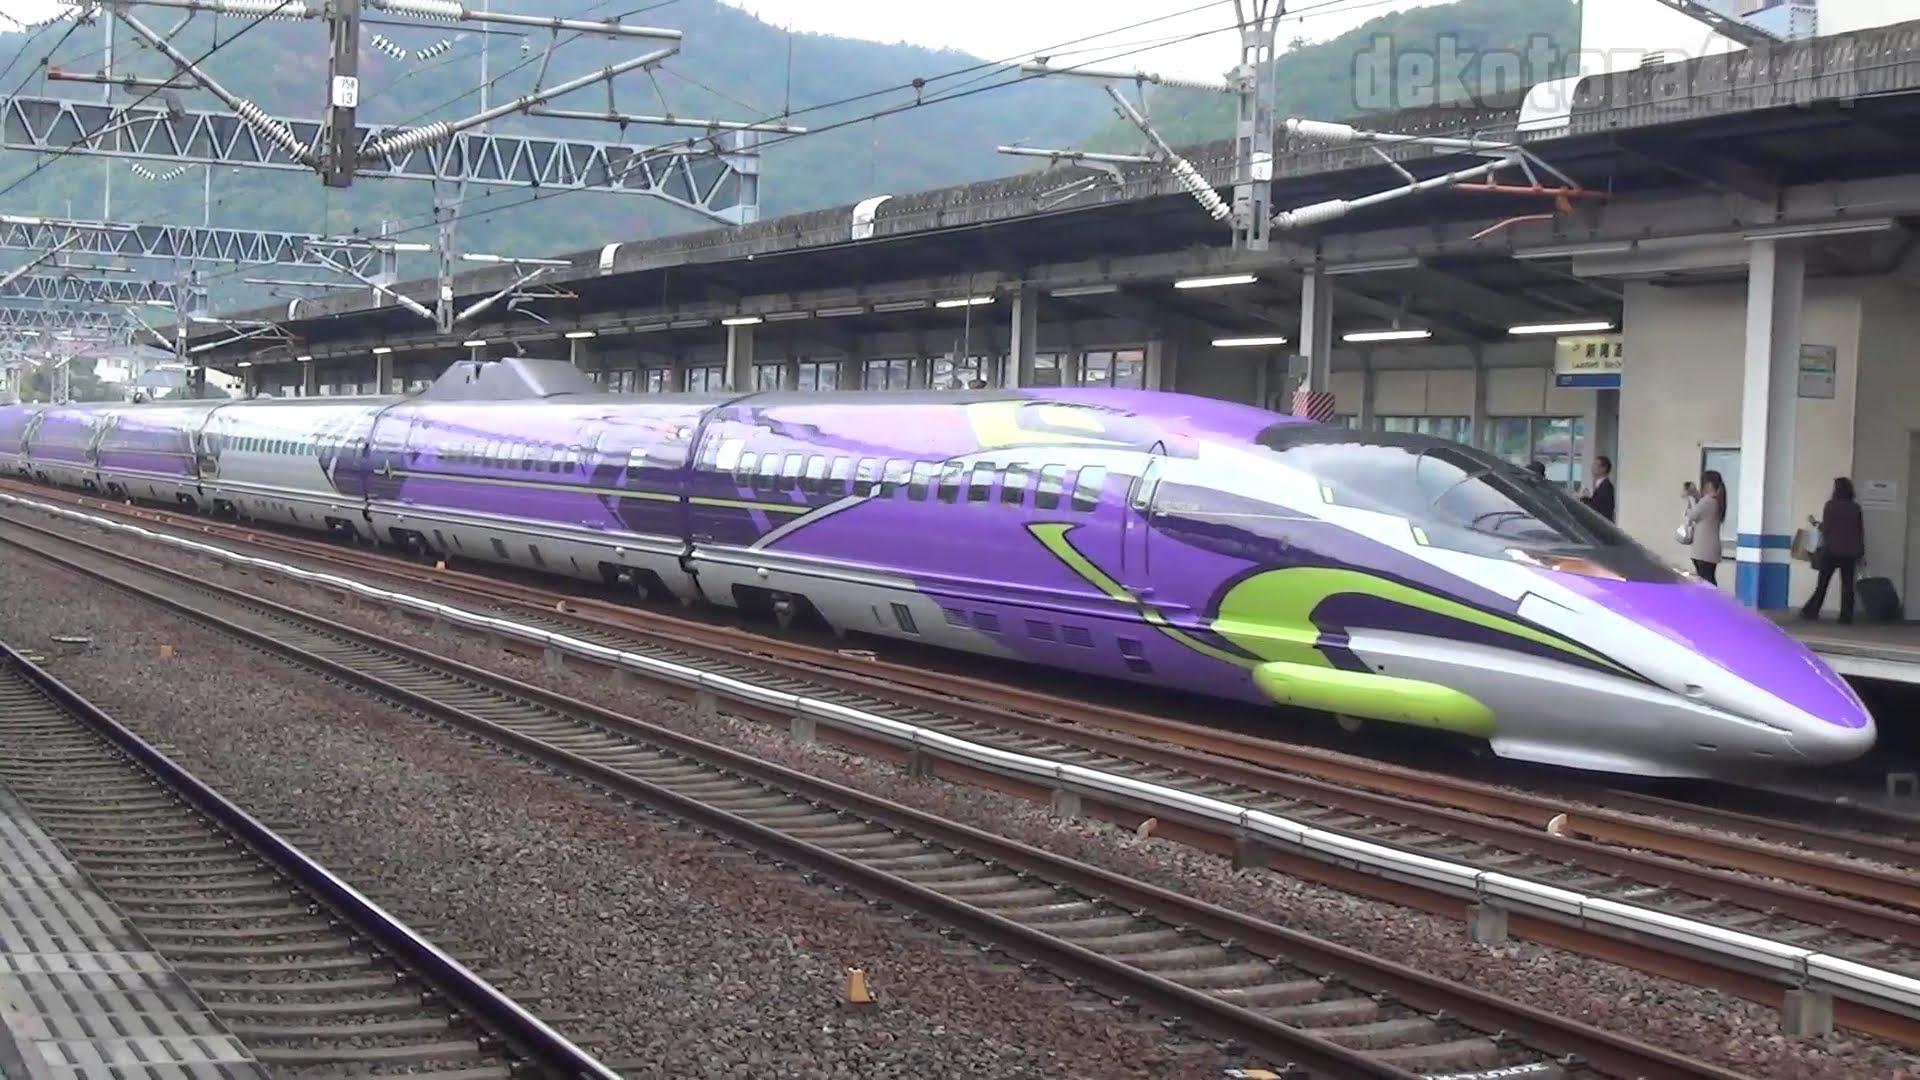 ハローキティ新幹線?